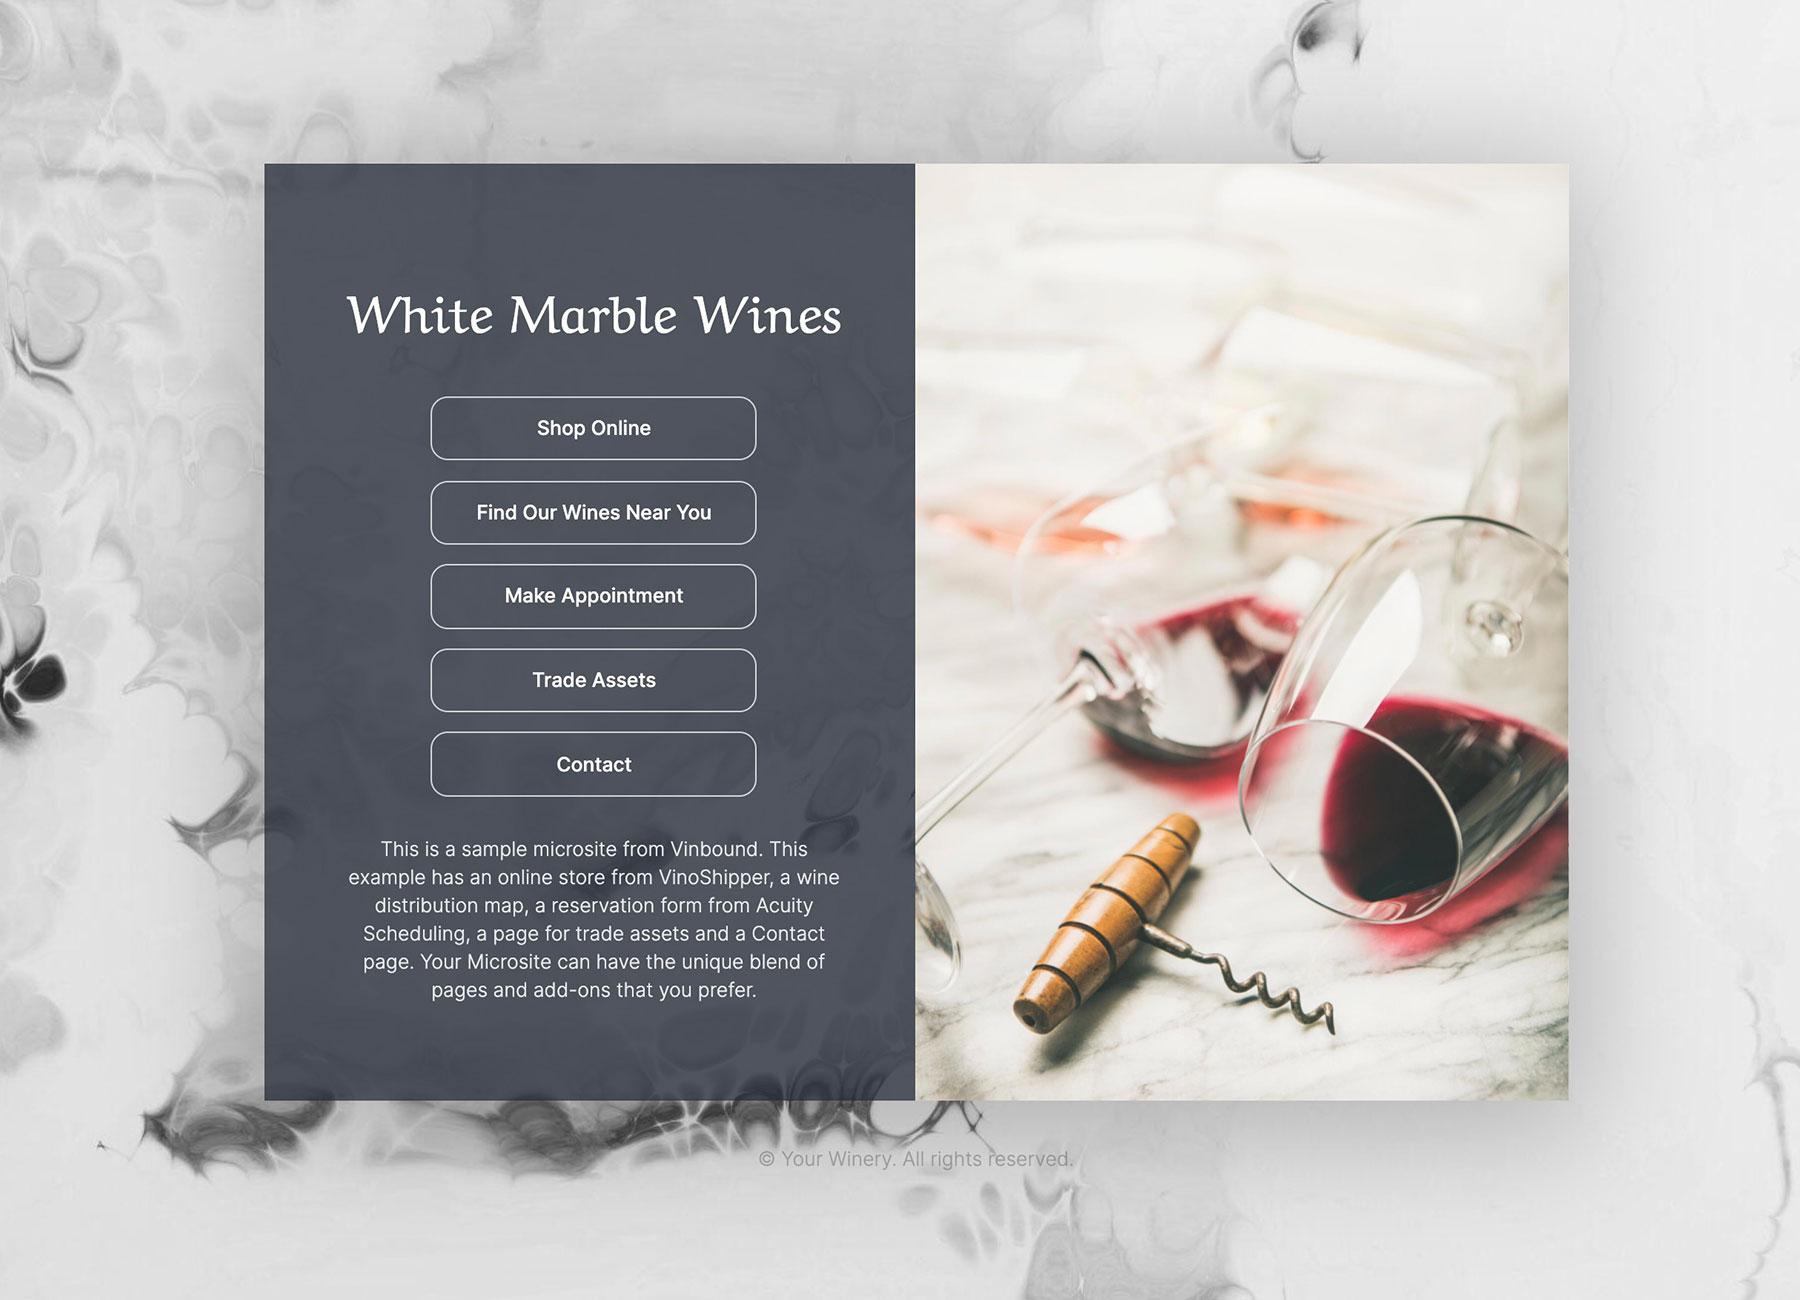 Example of wine brand microsite